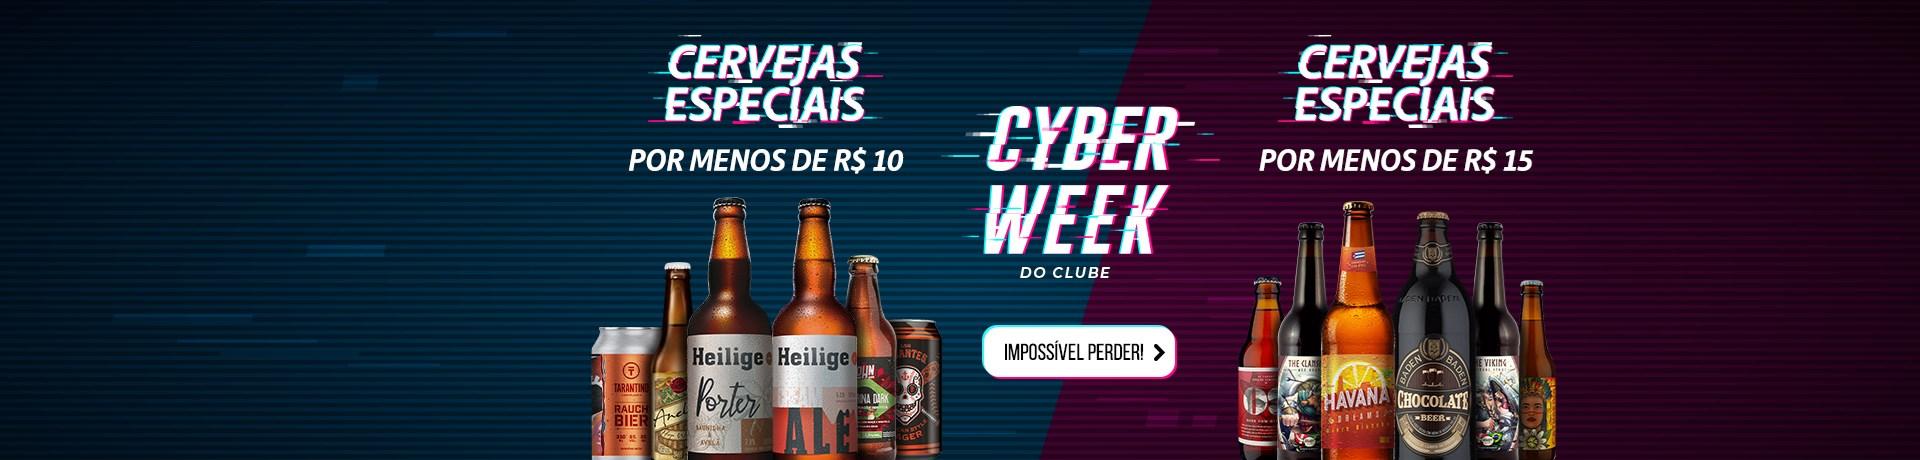 CyberWeek - Preço - Home Desktop